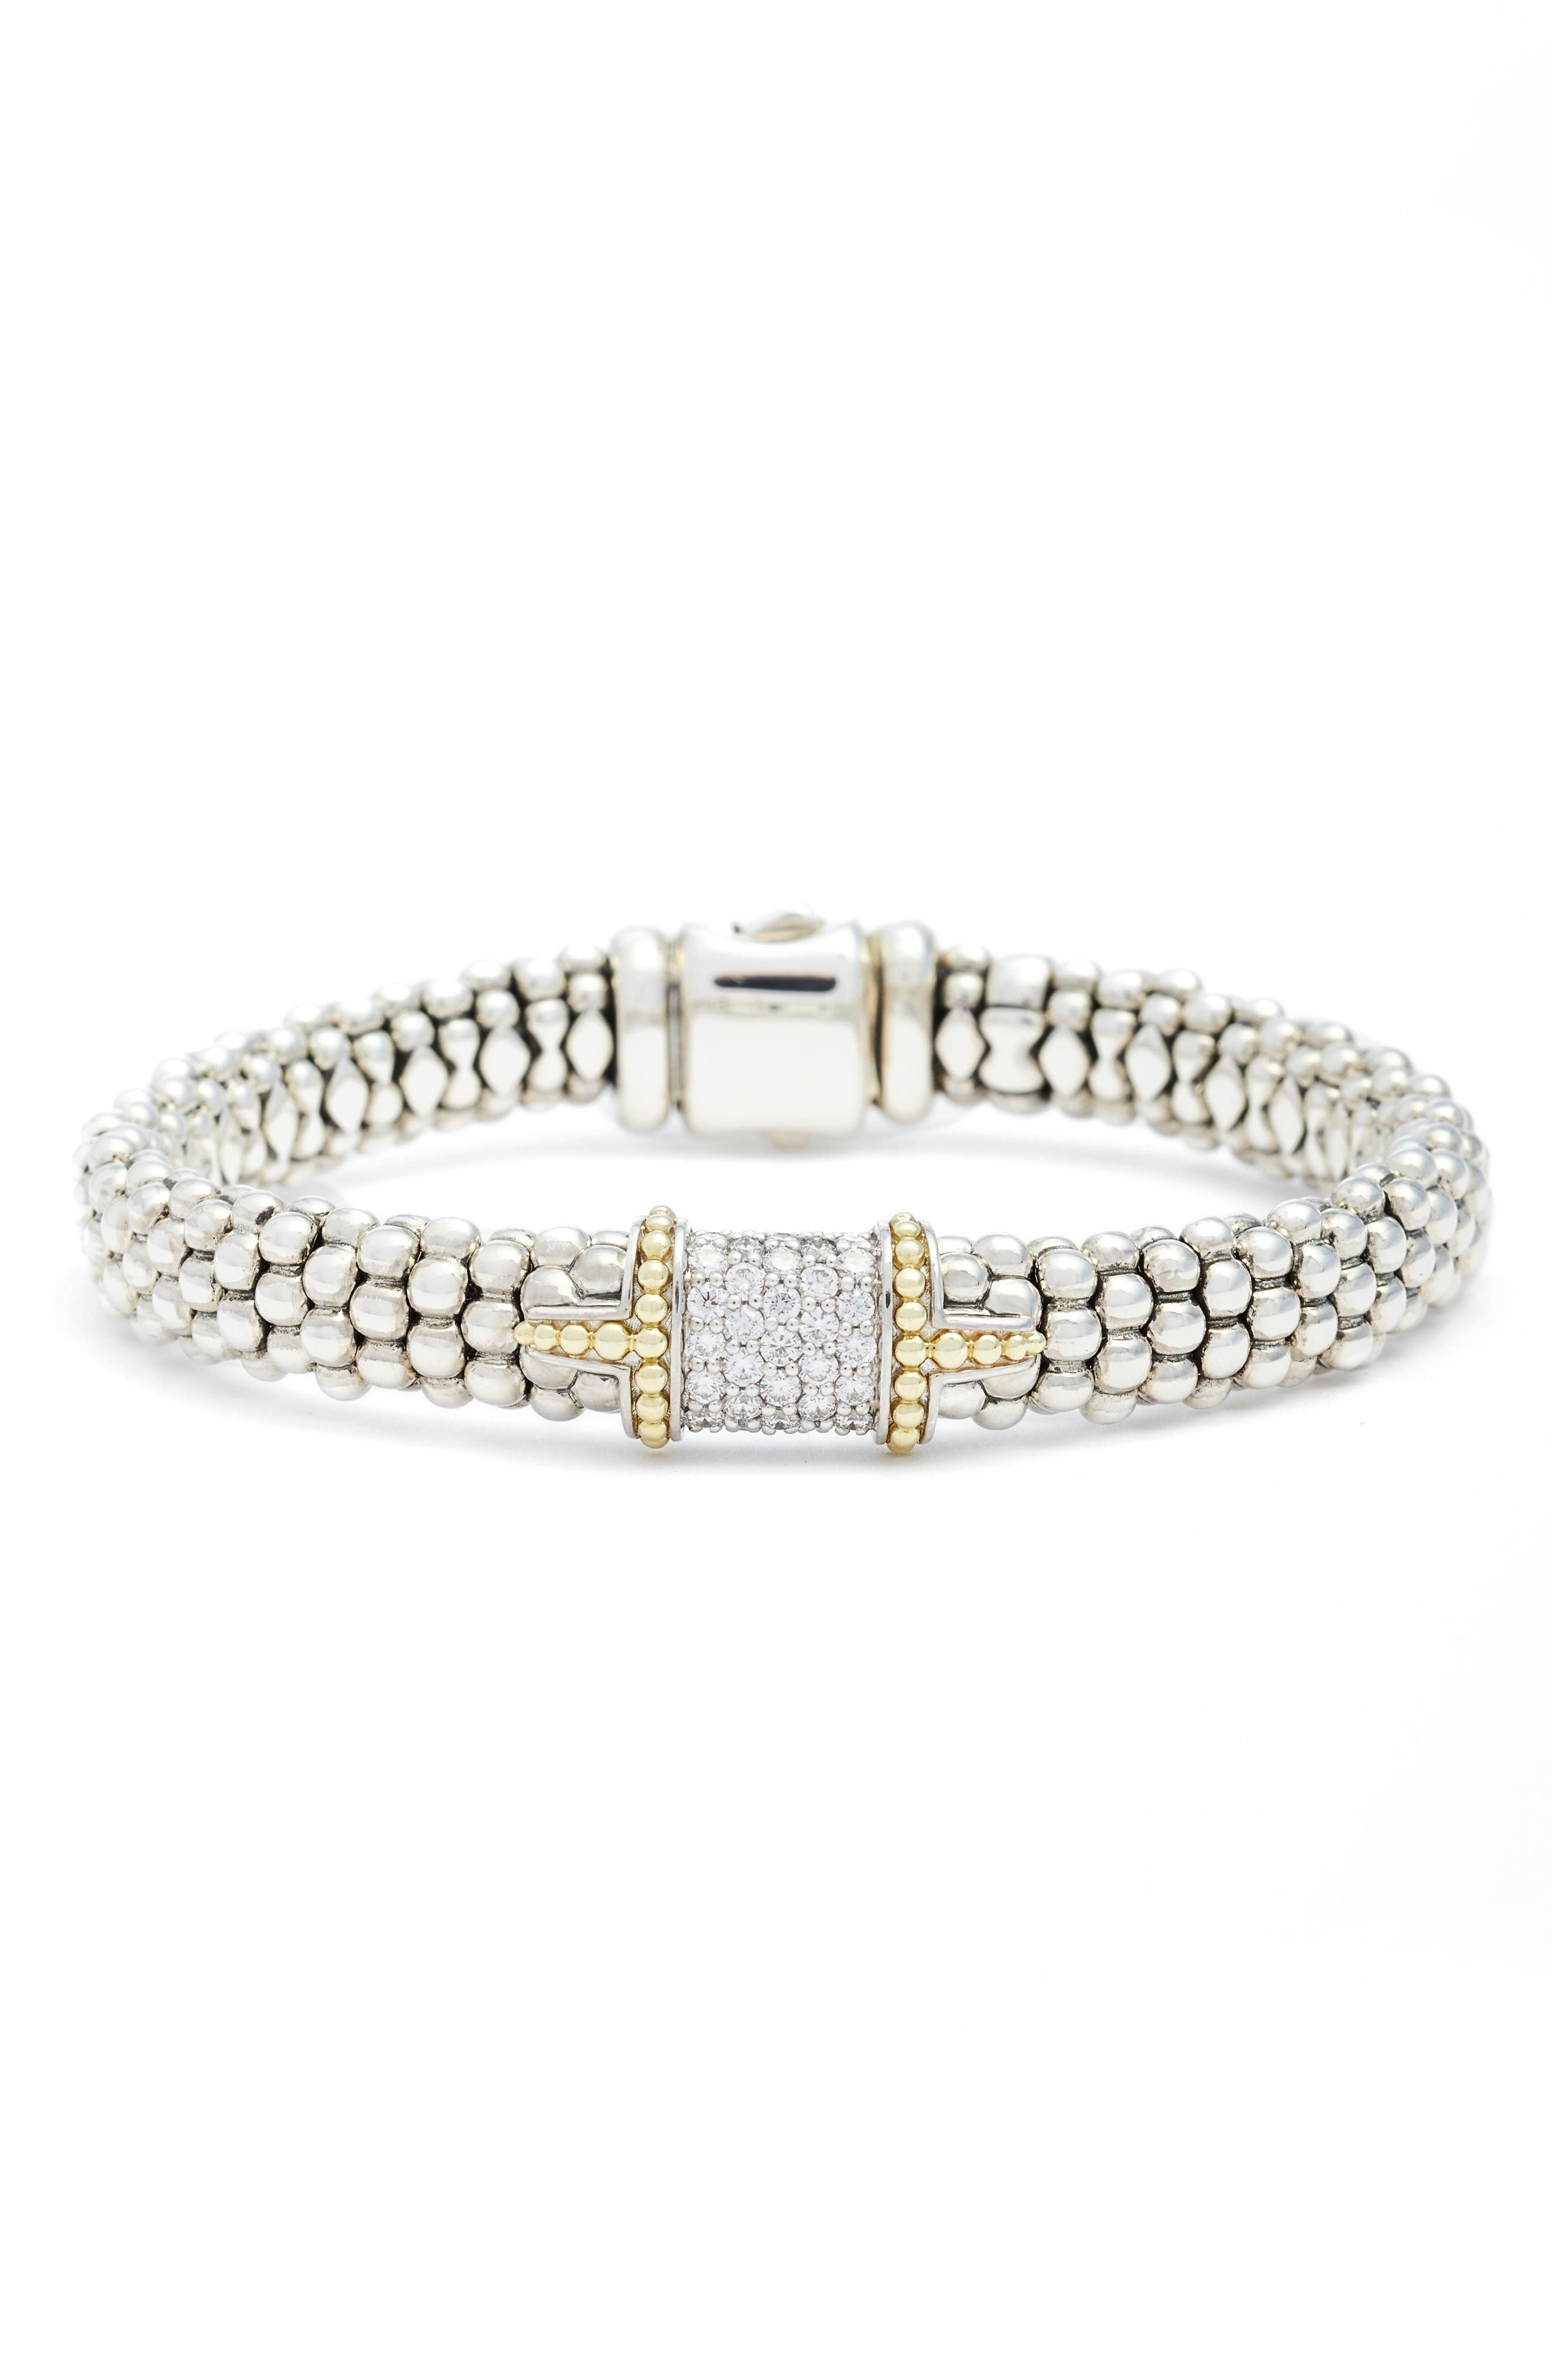 Alternate Image 1 Selected - LAGOS Diamond & Caviar Square Bracelet